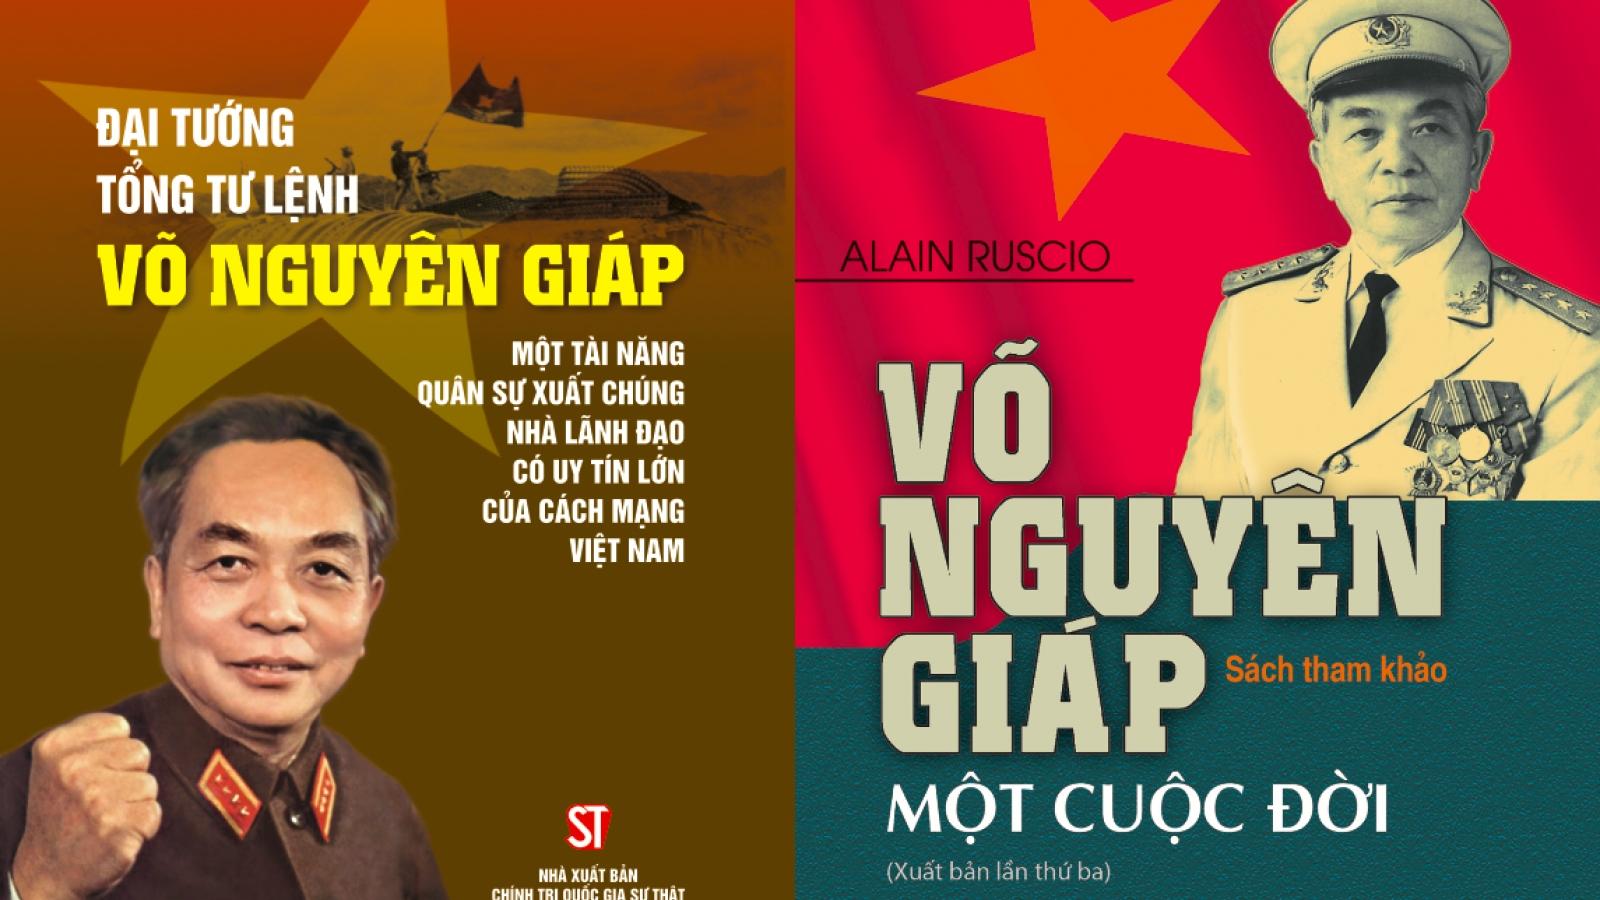 Đại tướng, Tổng Tư lệnh Võ Nguyên Giáp qua những tác phẩm văn học tiêu biểu